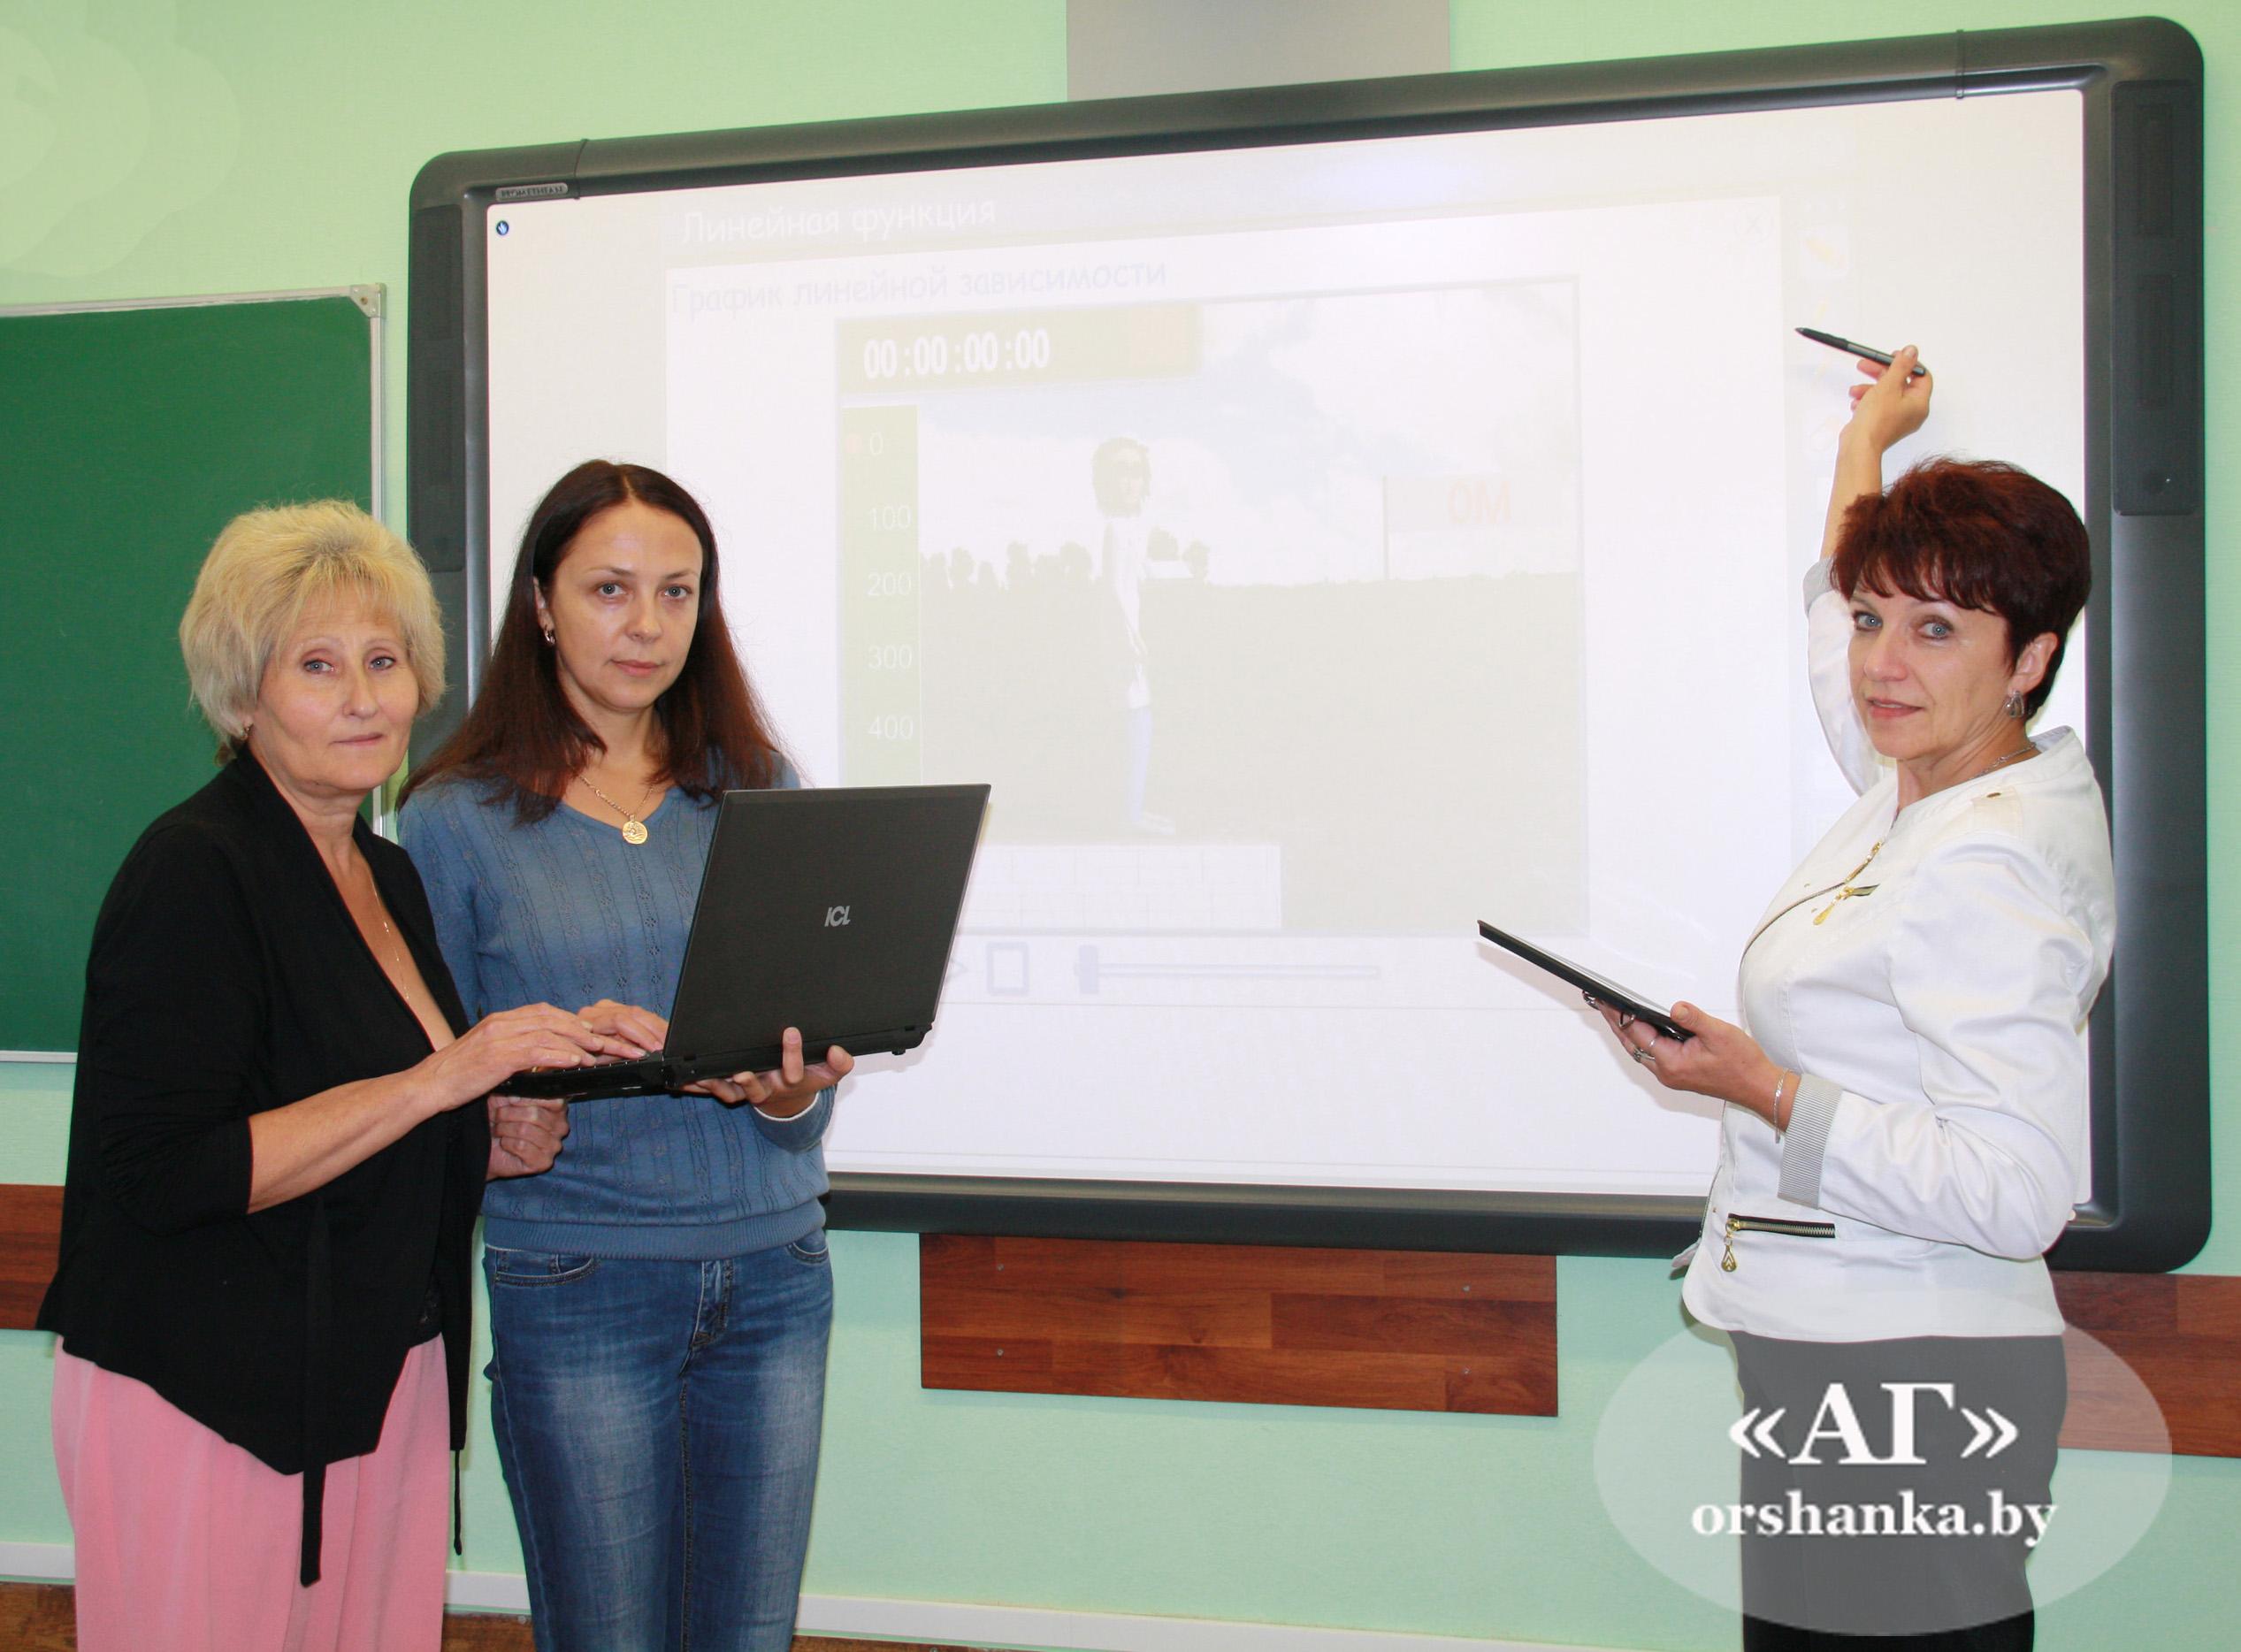 виртуальная школа в орше